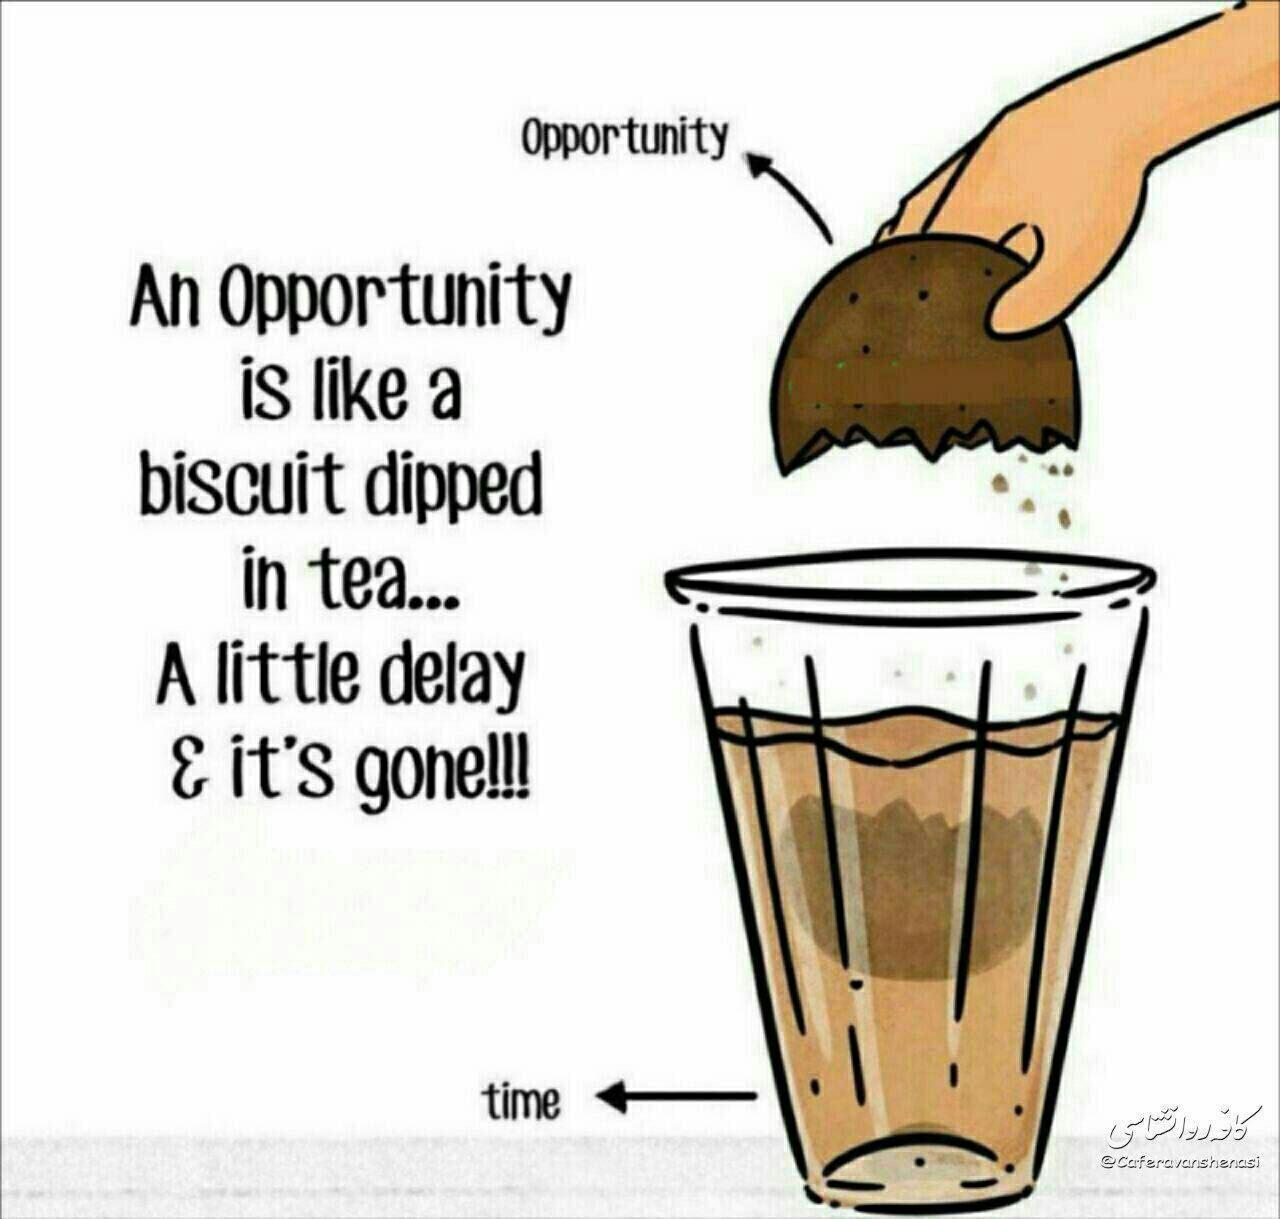 هر فرصت، مانند بیسکویت است